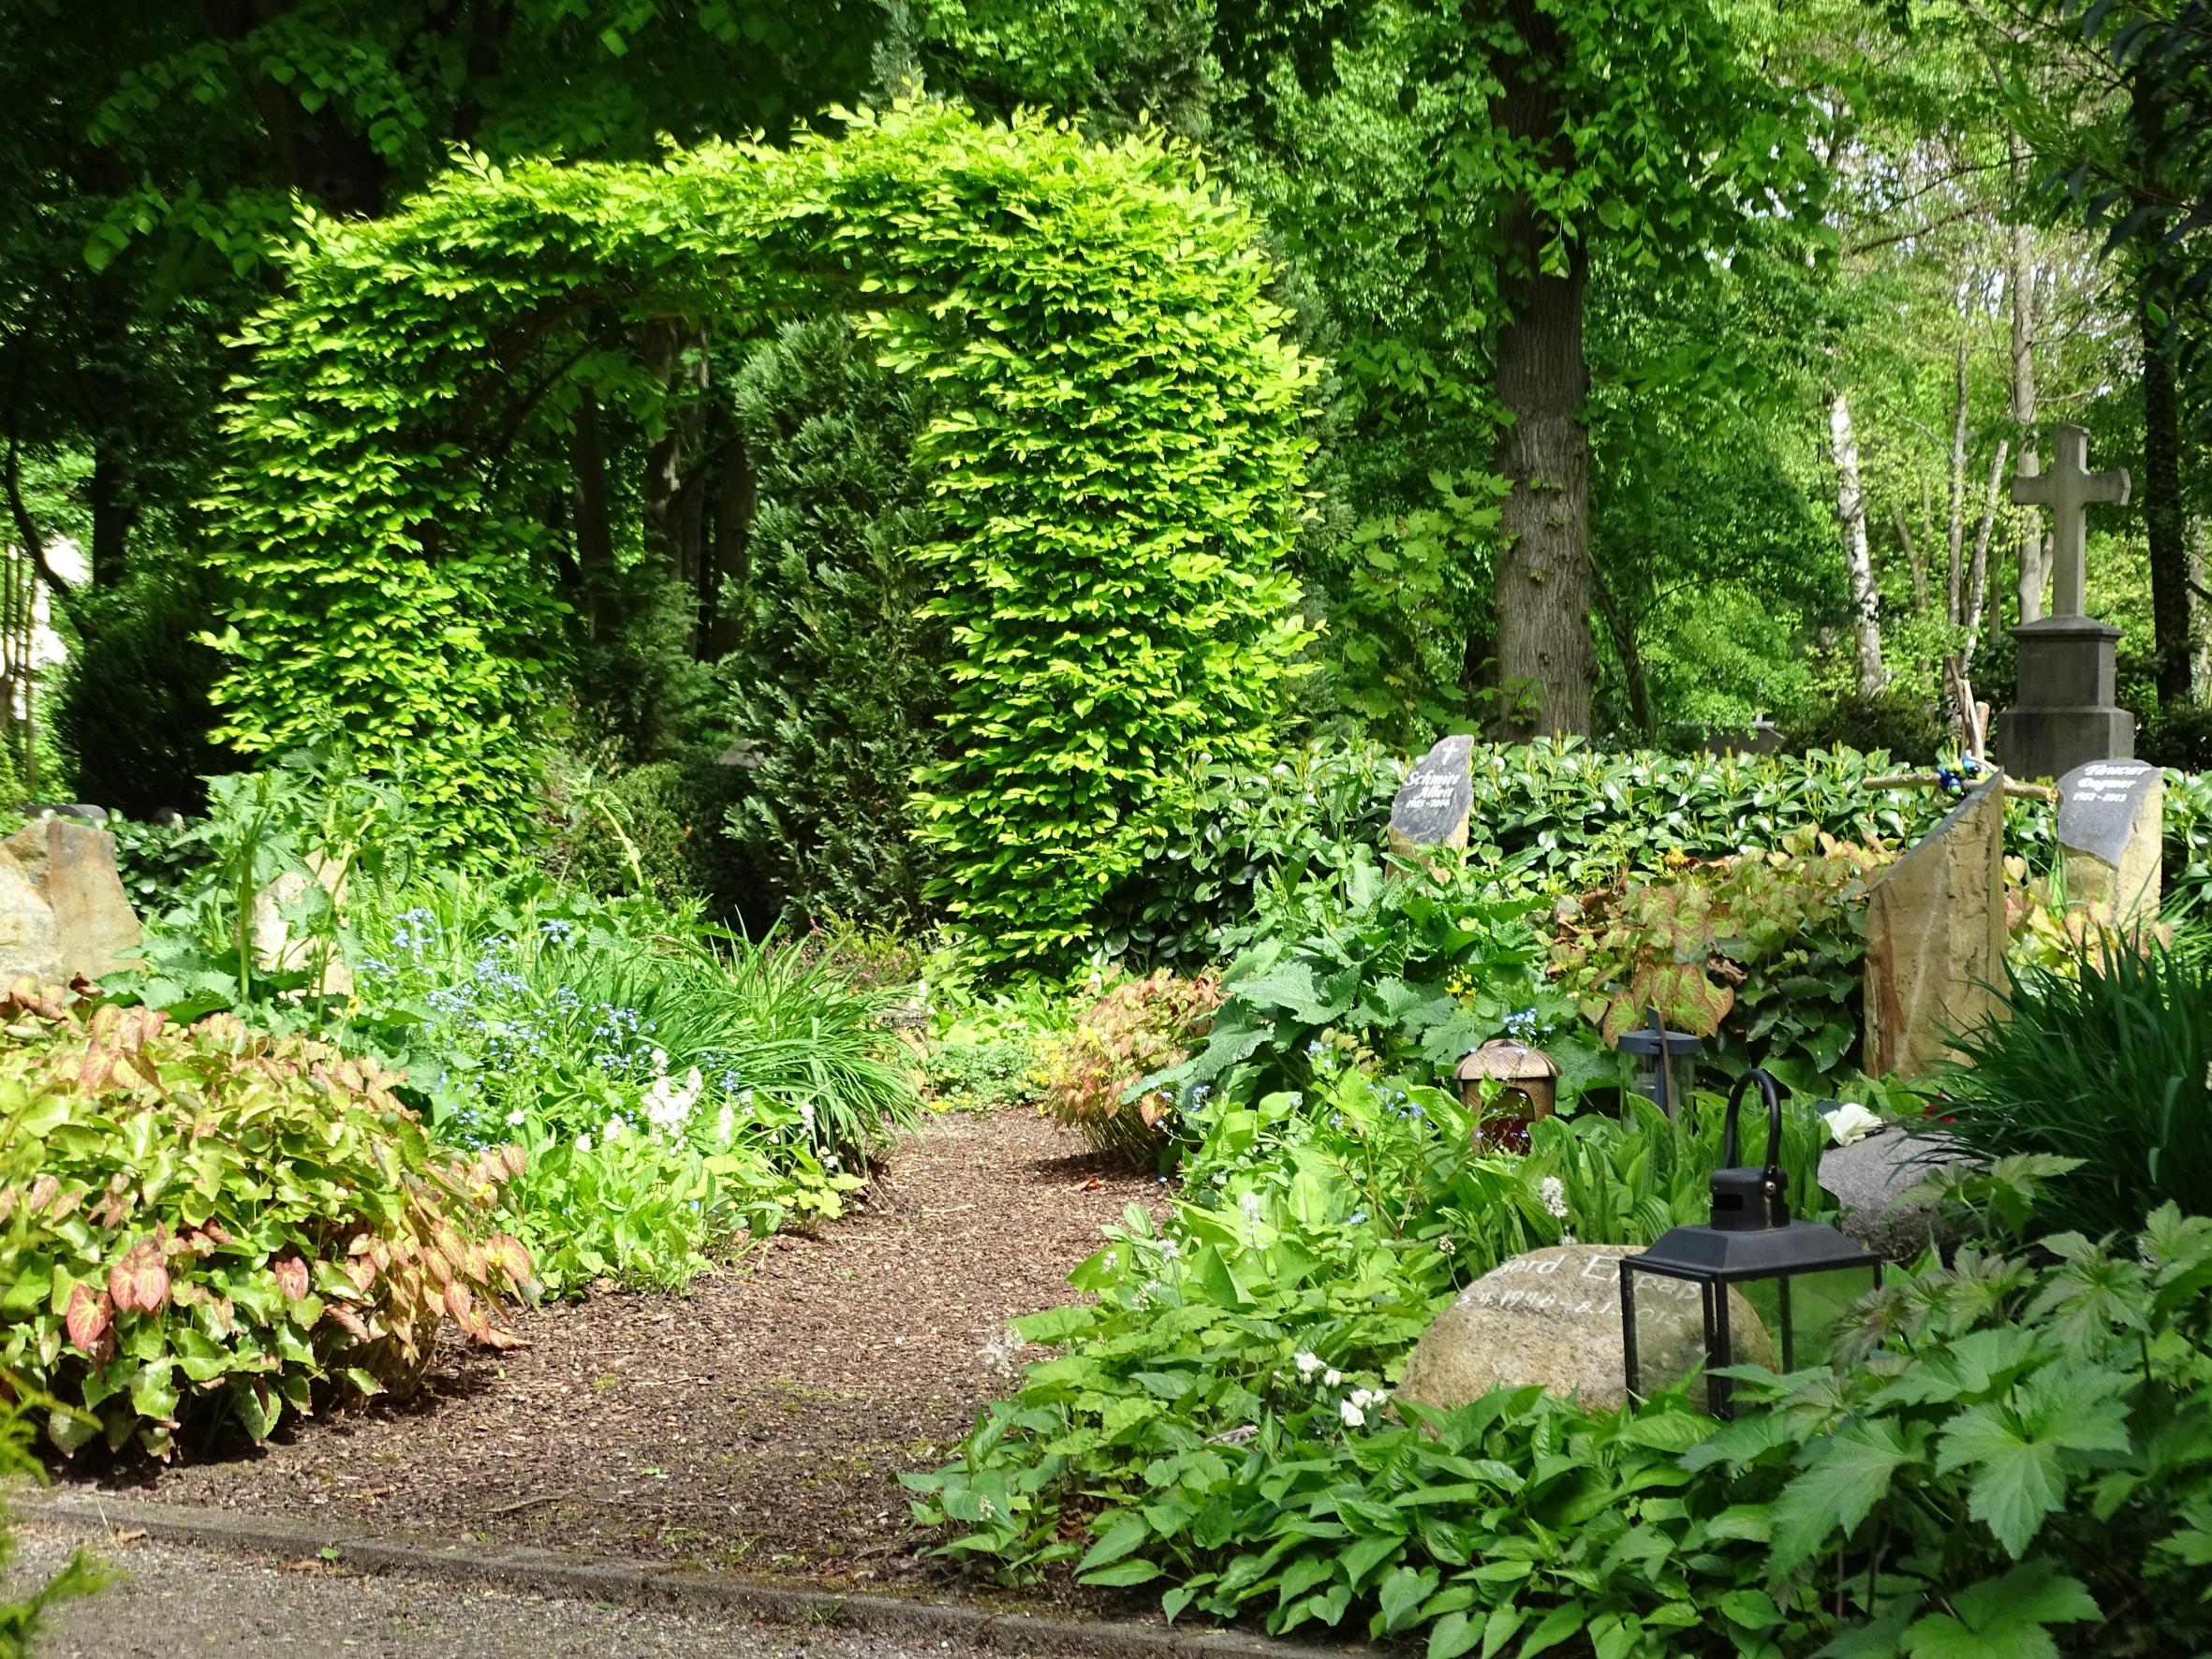 Friedhöfe im Wandel zu Grünen Oasen der Stadt: Naturnahe Grabbepflanzung mit Stauden